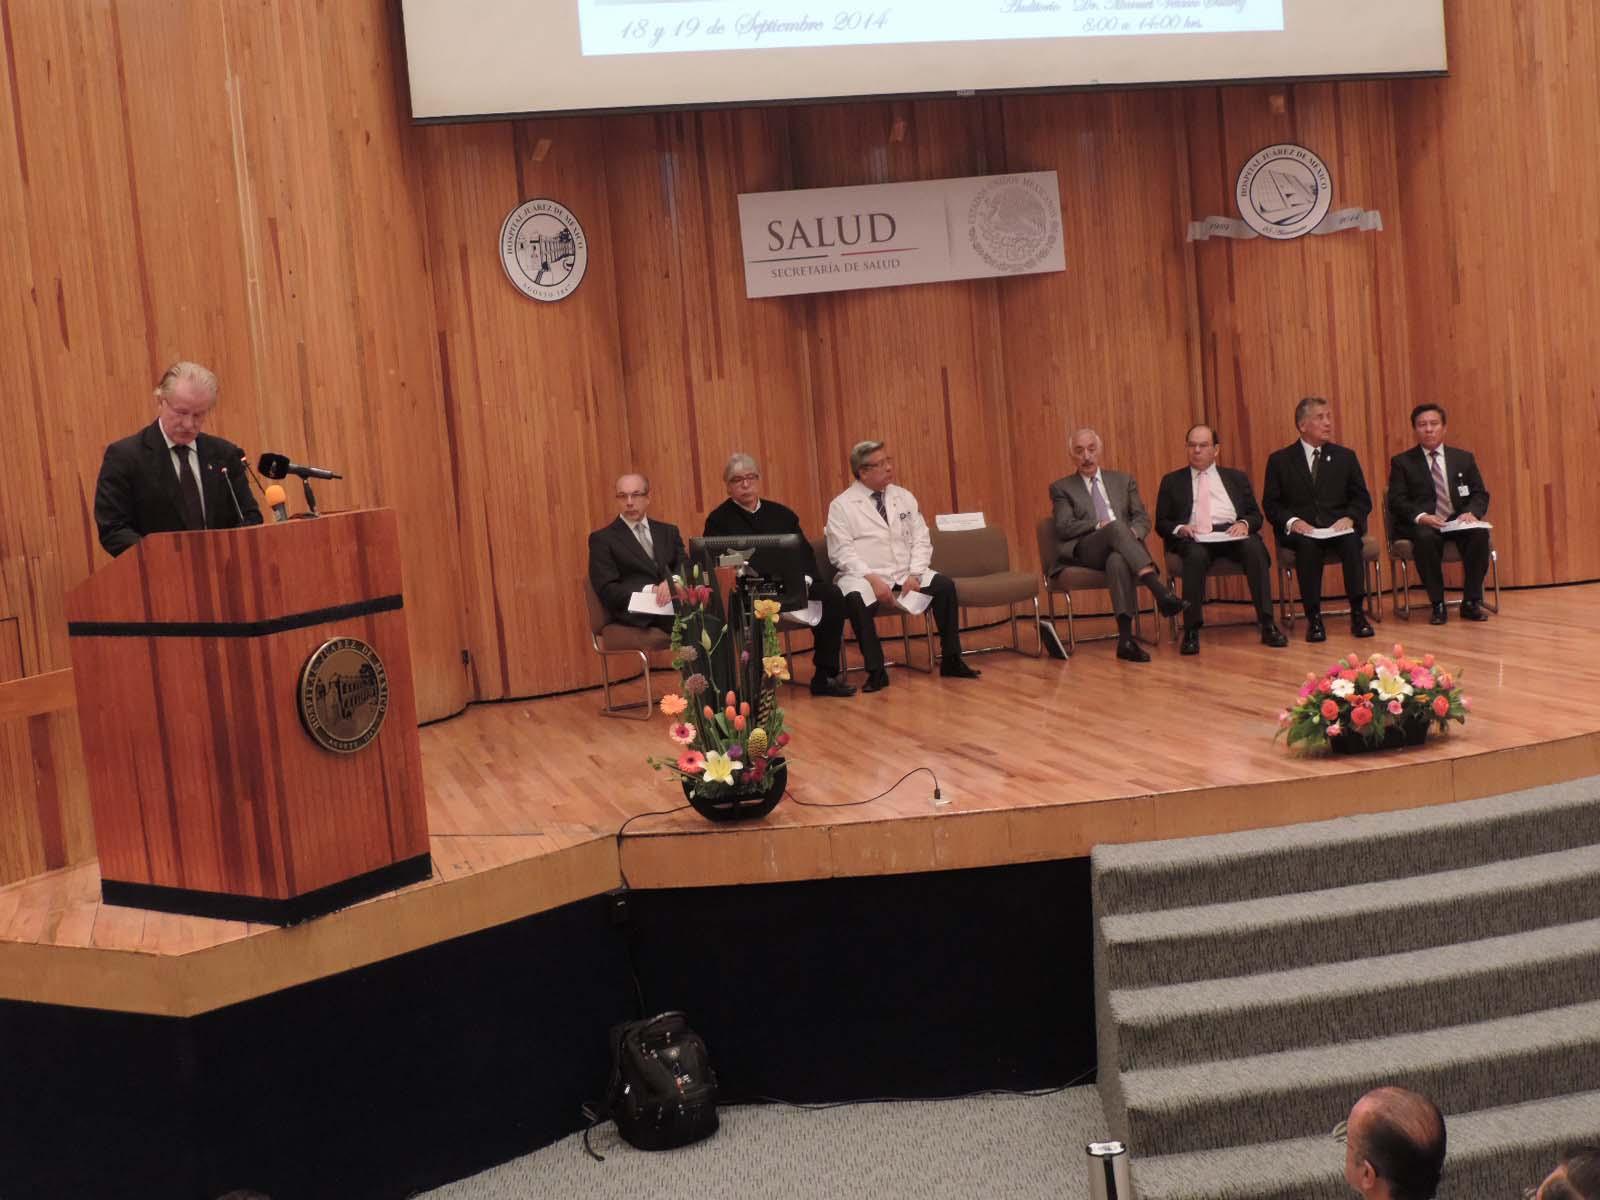 Se conmemora el 25 Aniversario del Hospital Juárez de México